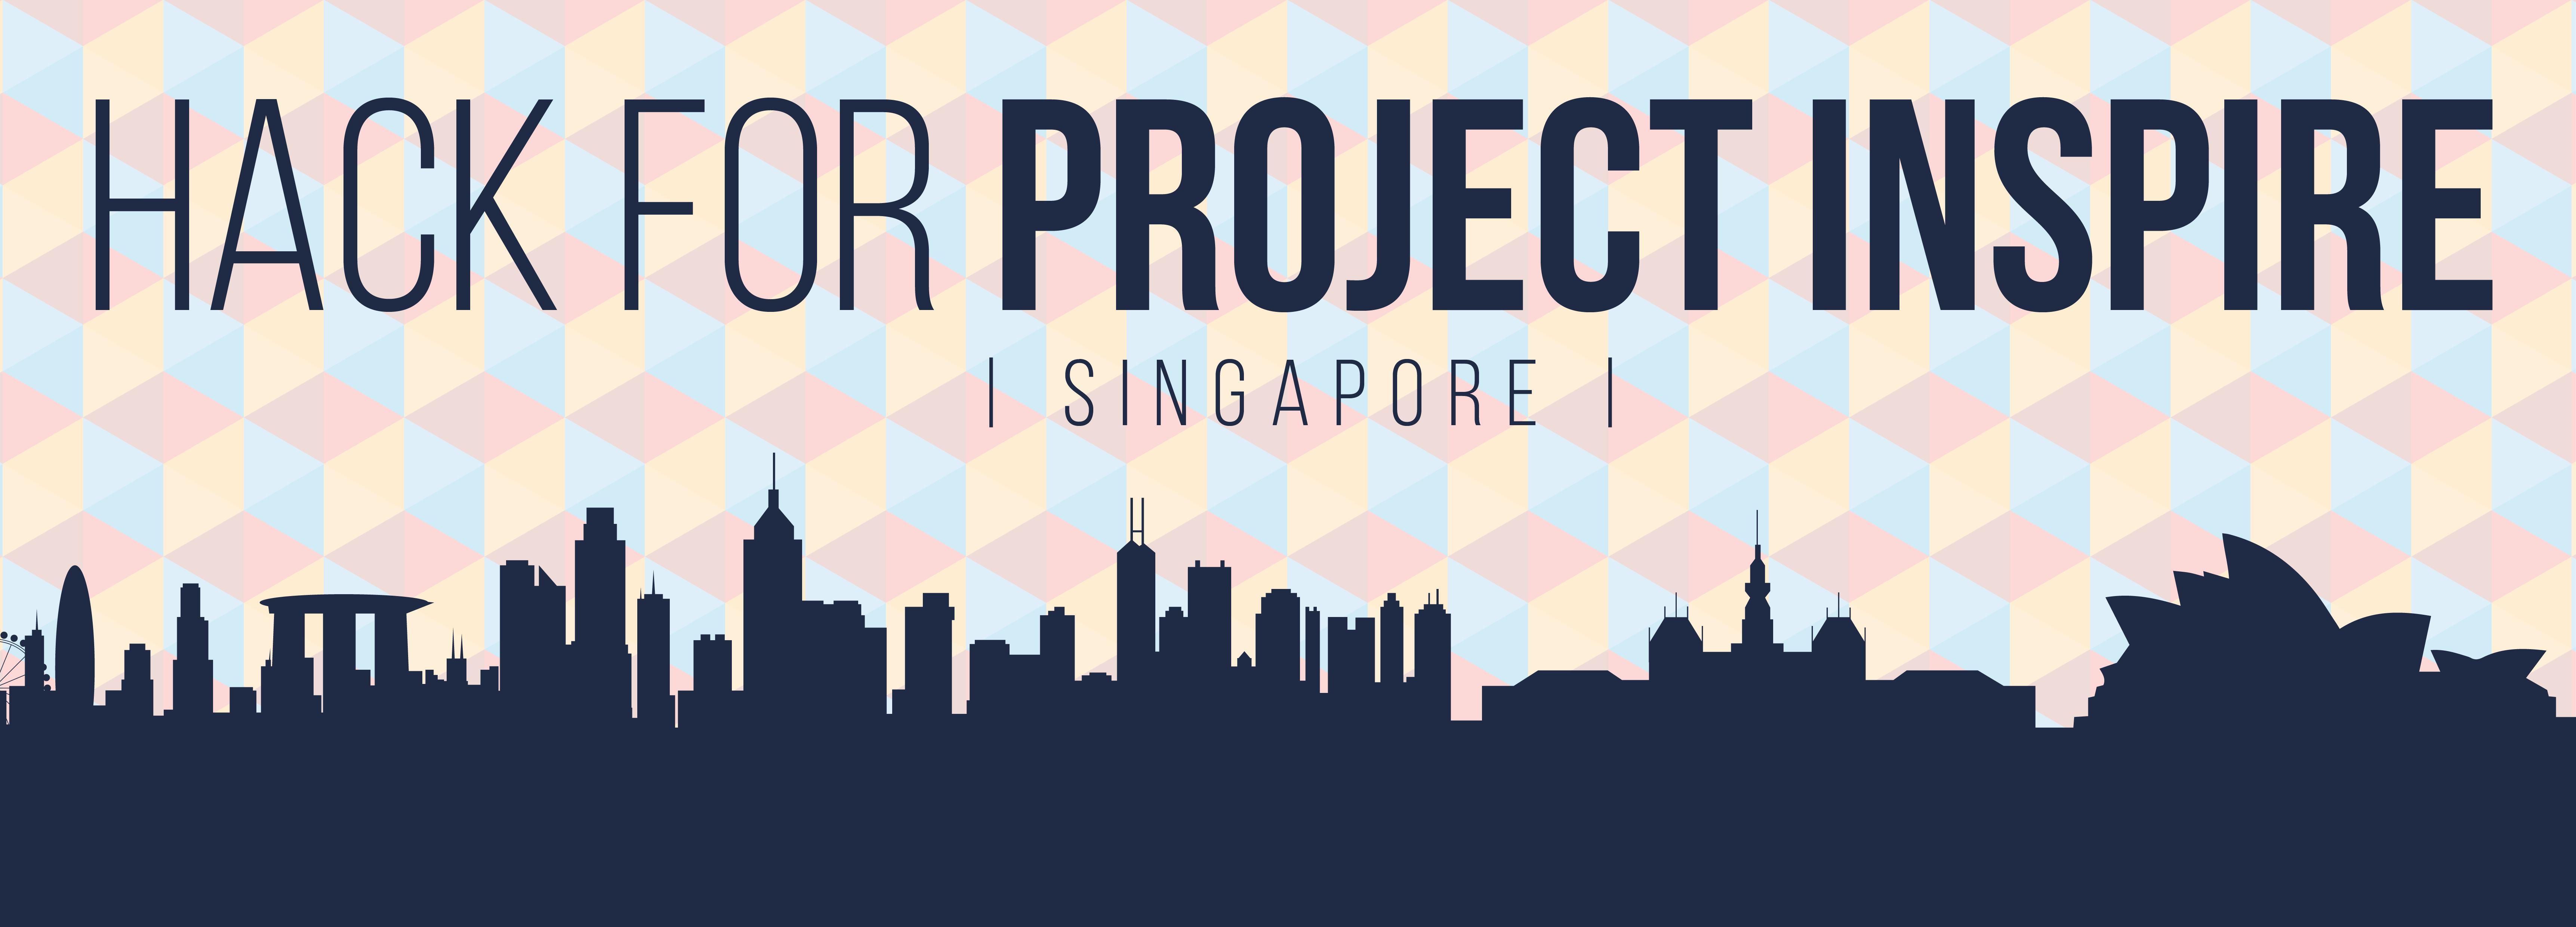 PI 2016 - Hackathon SG_Hackathon